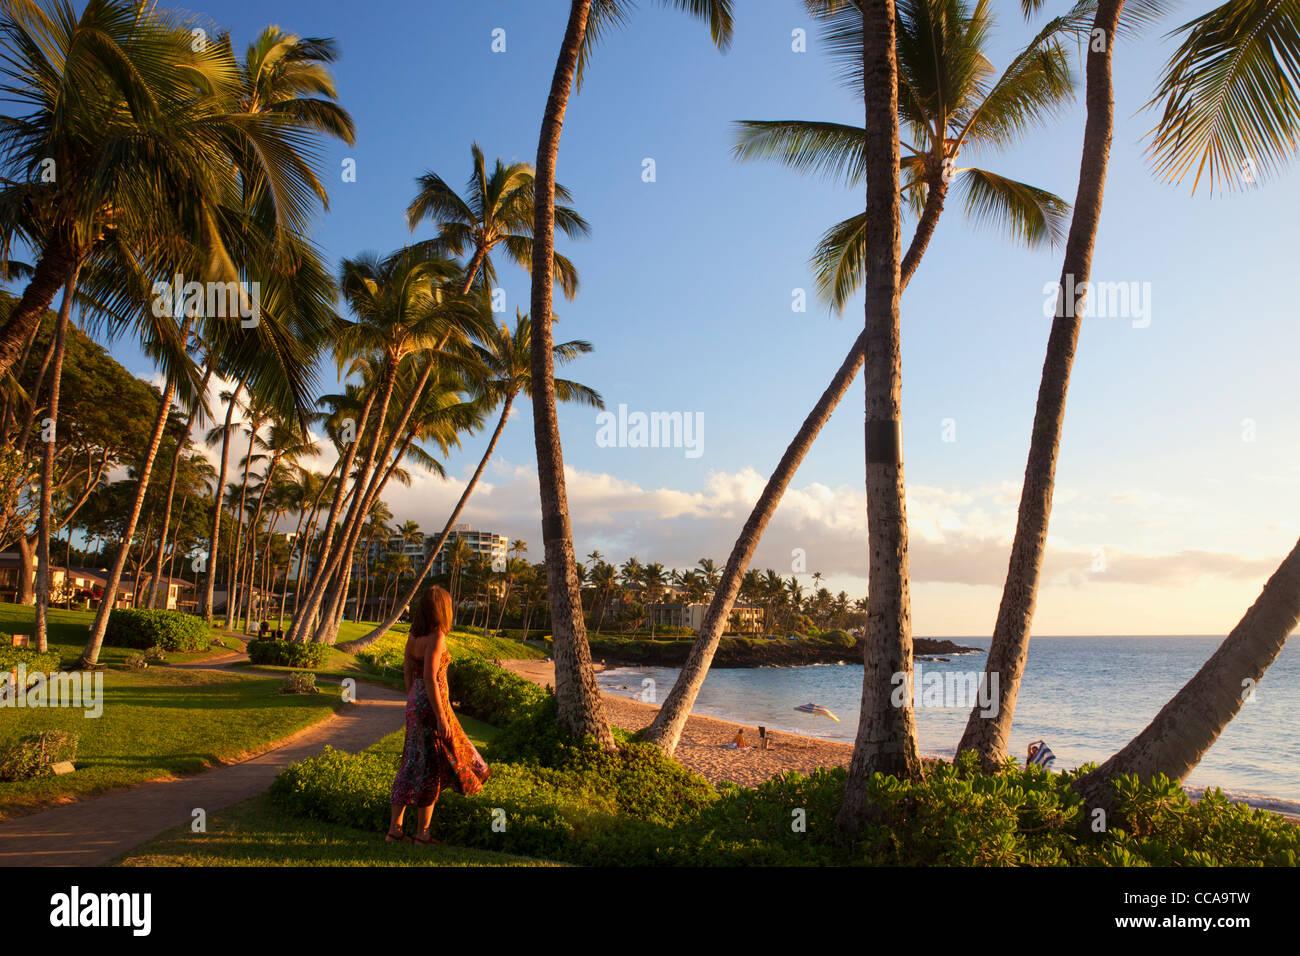 Un visiteur à la plage de Wailea, Wailea, Maui, Hawaï. (Modèle 1992) Photo Stock